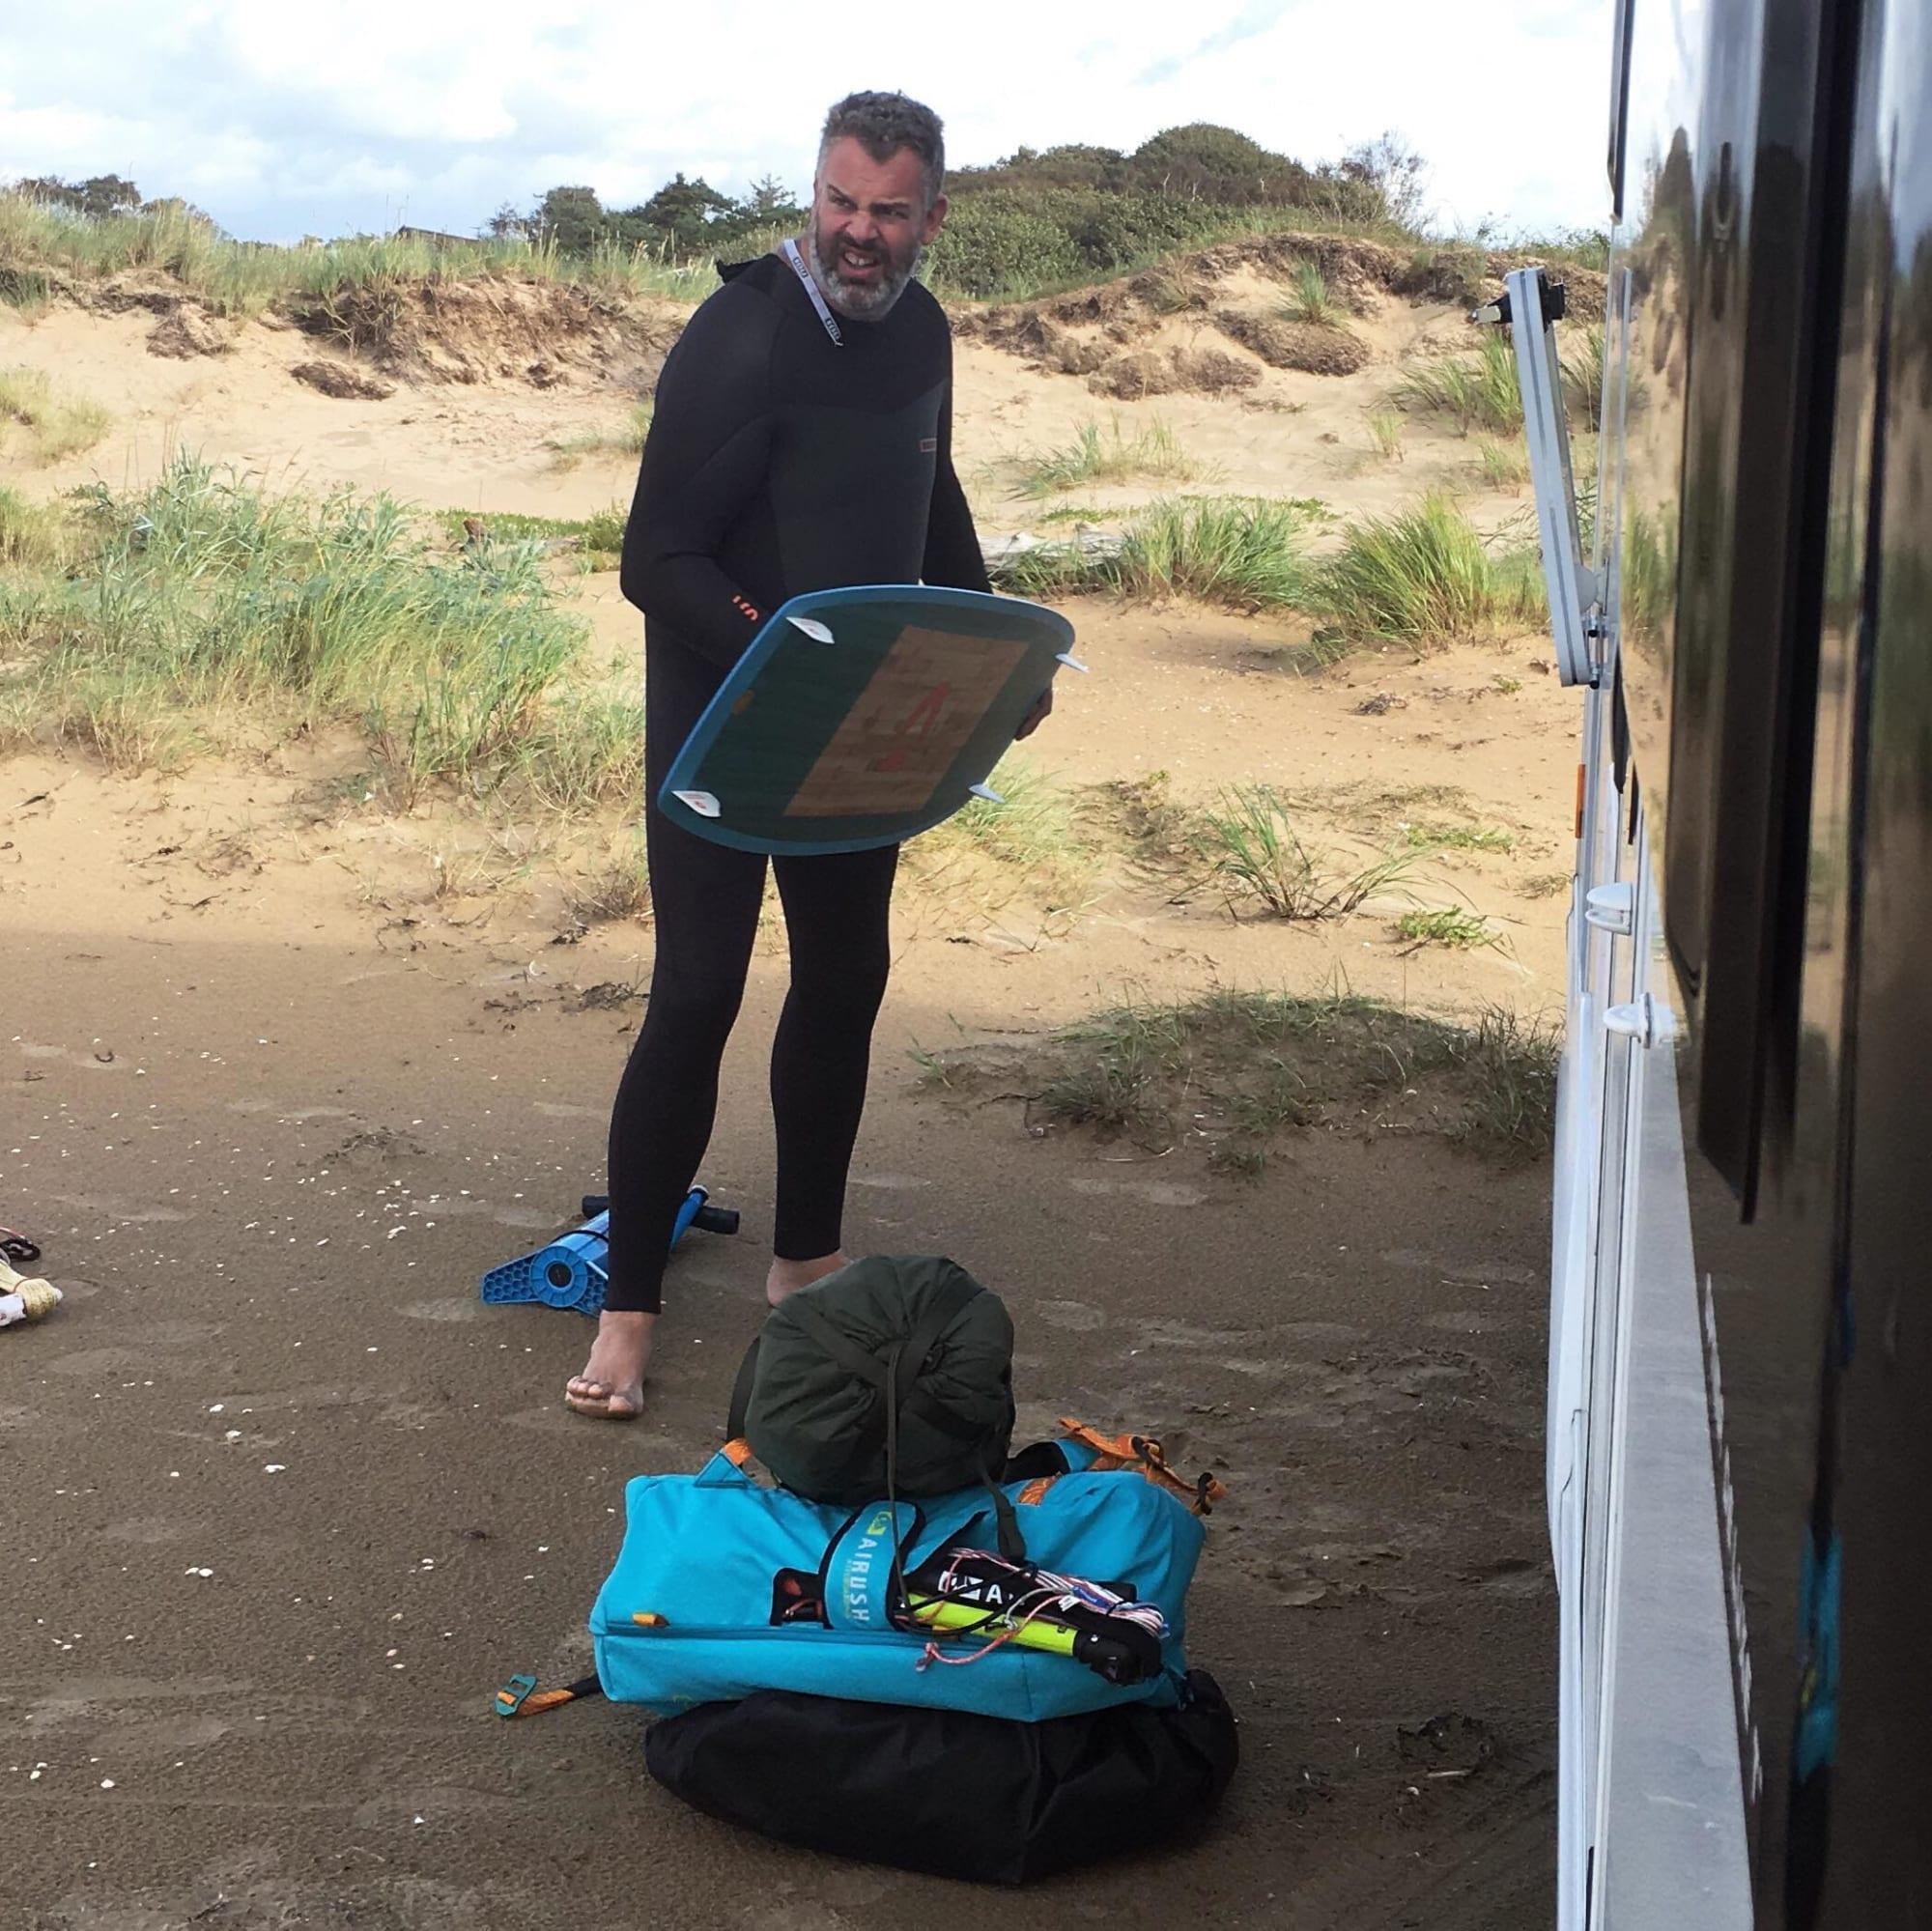 Uffe ute och kitesurfar